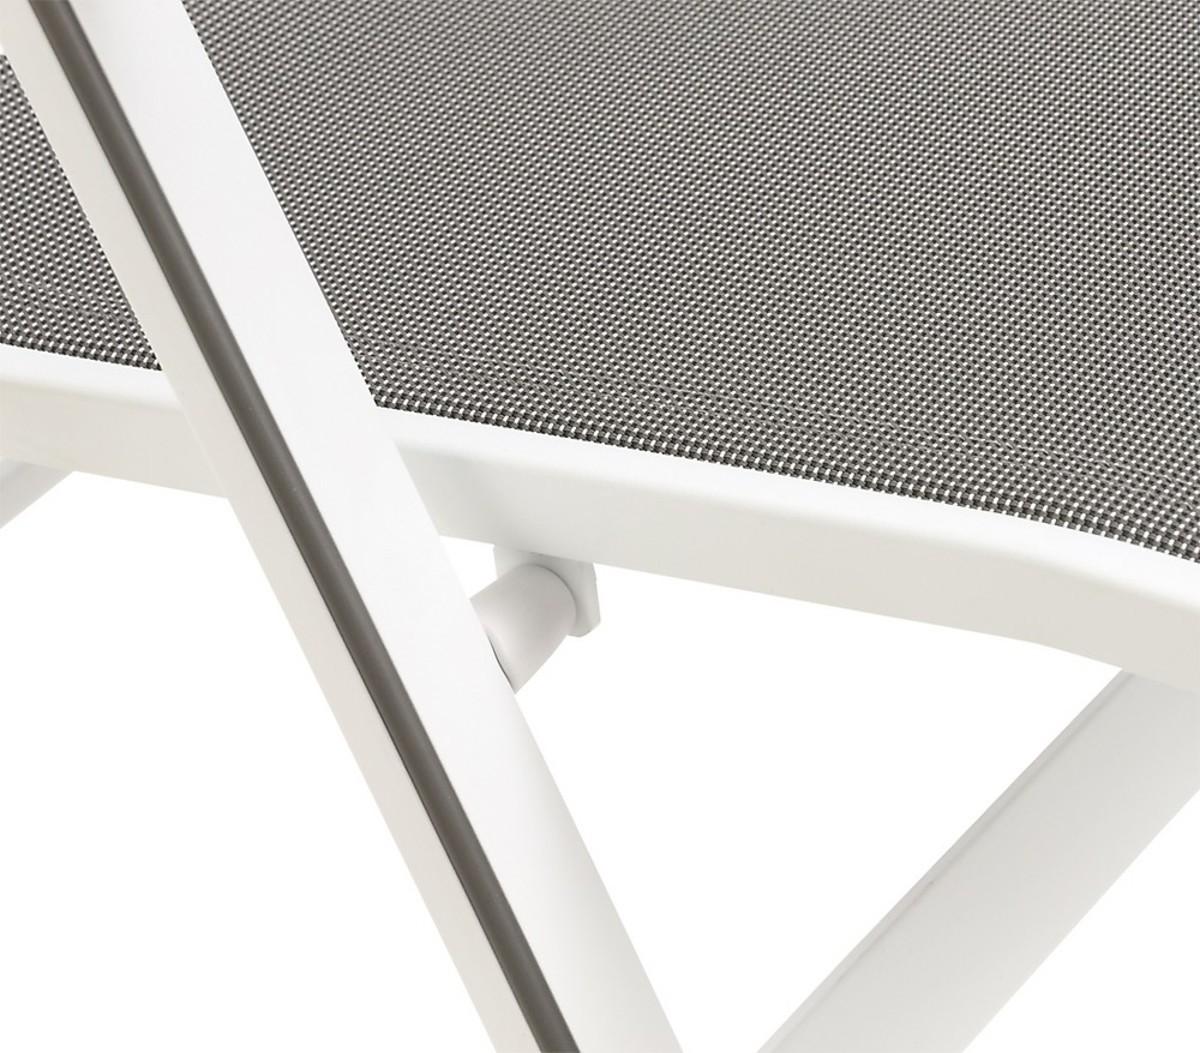 mwh klappsessel elements wei von dehner ansehen. Black Bedroom Furniture Sets. Home Design Ideas